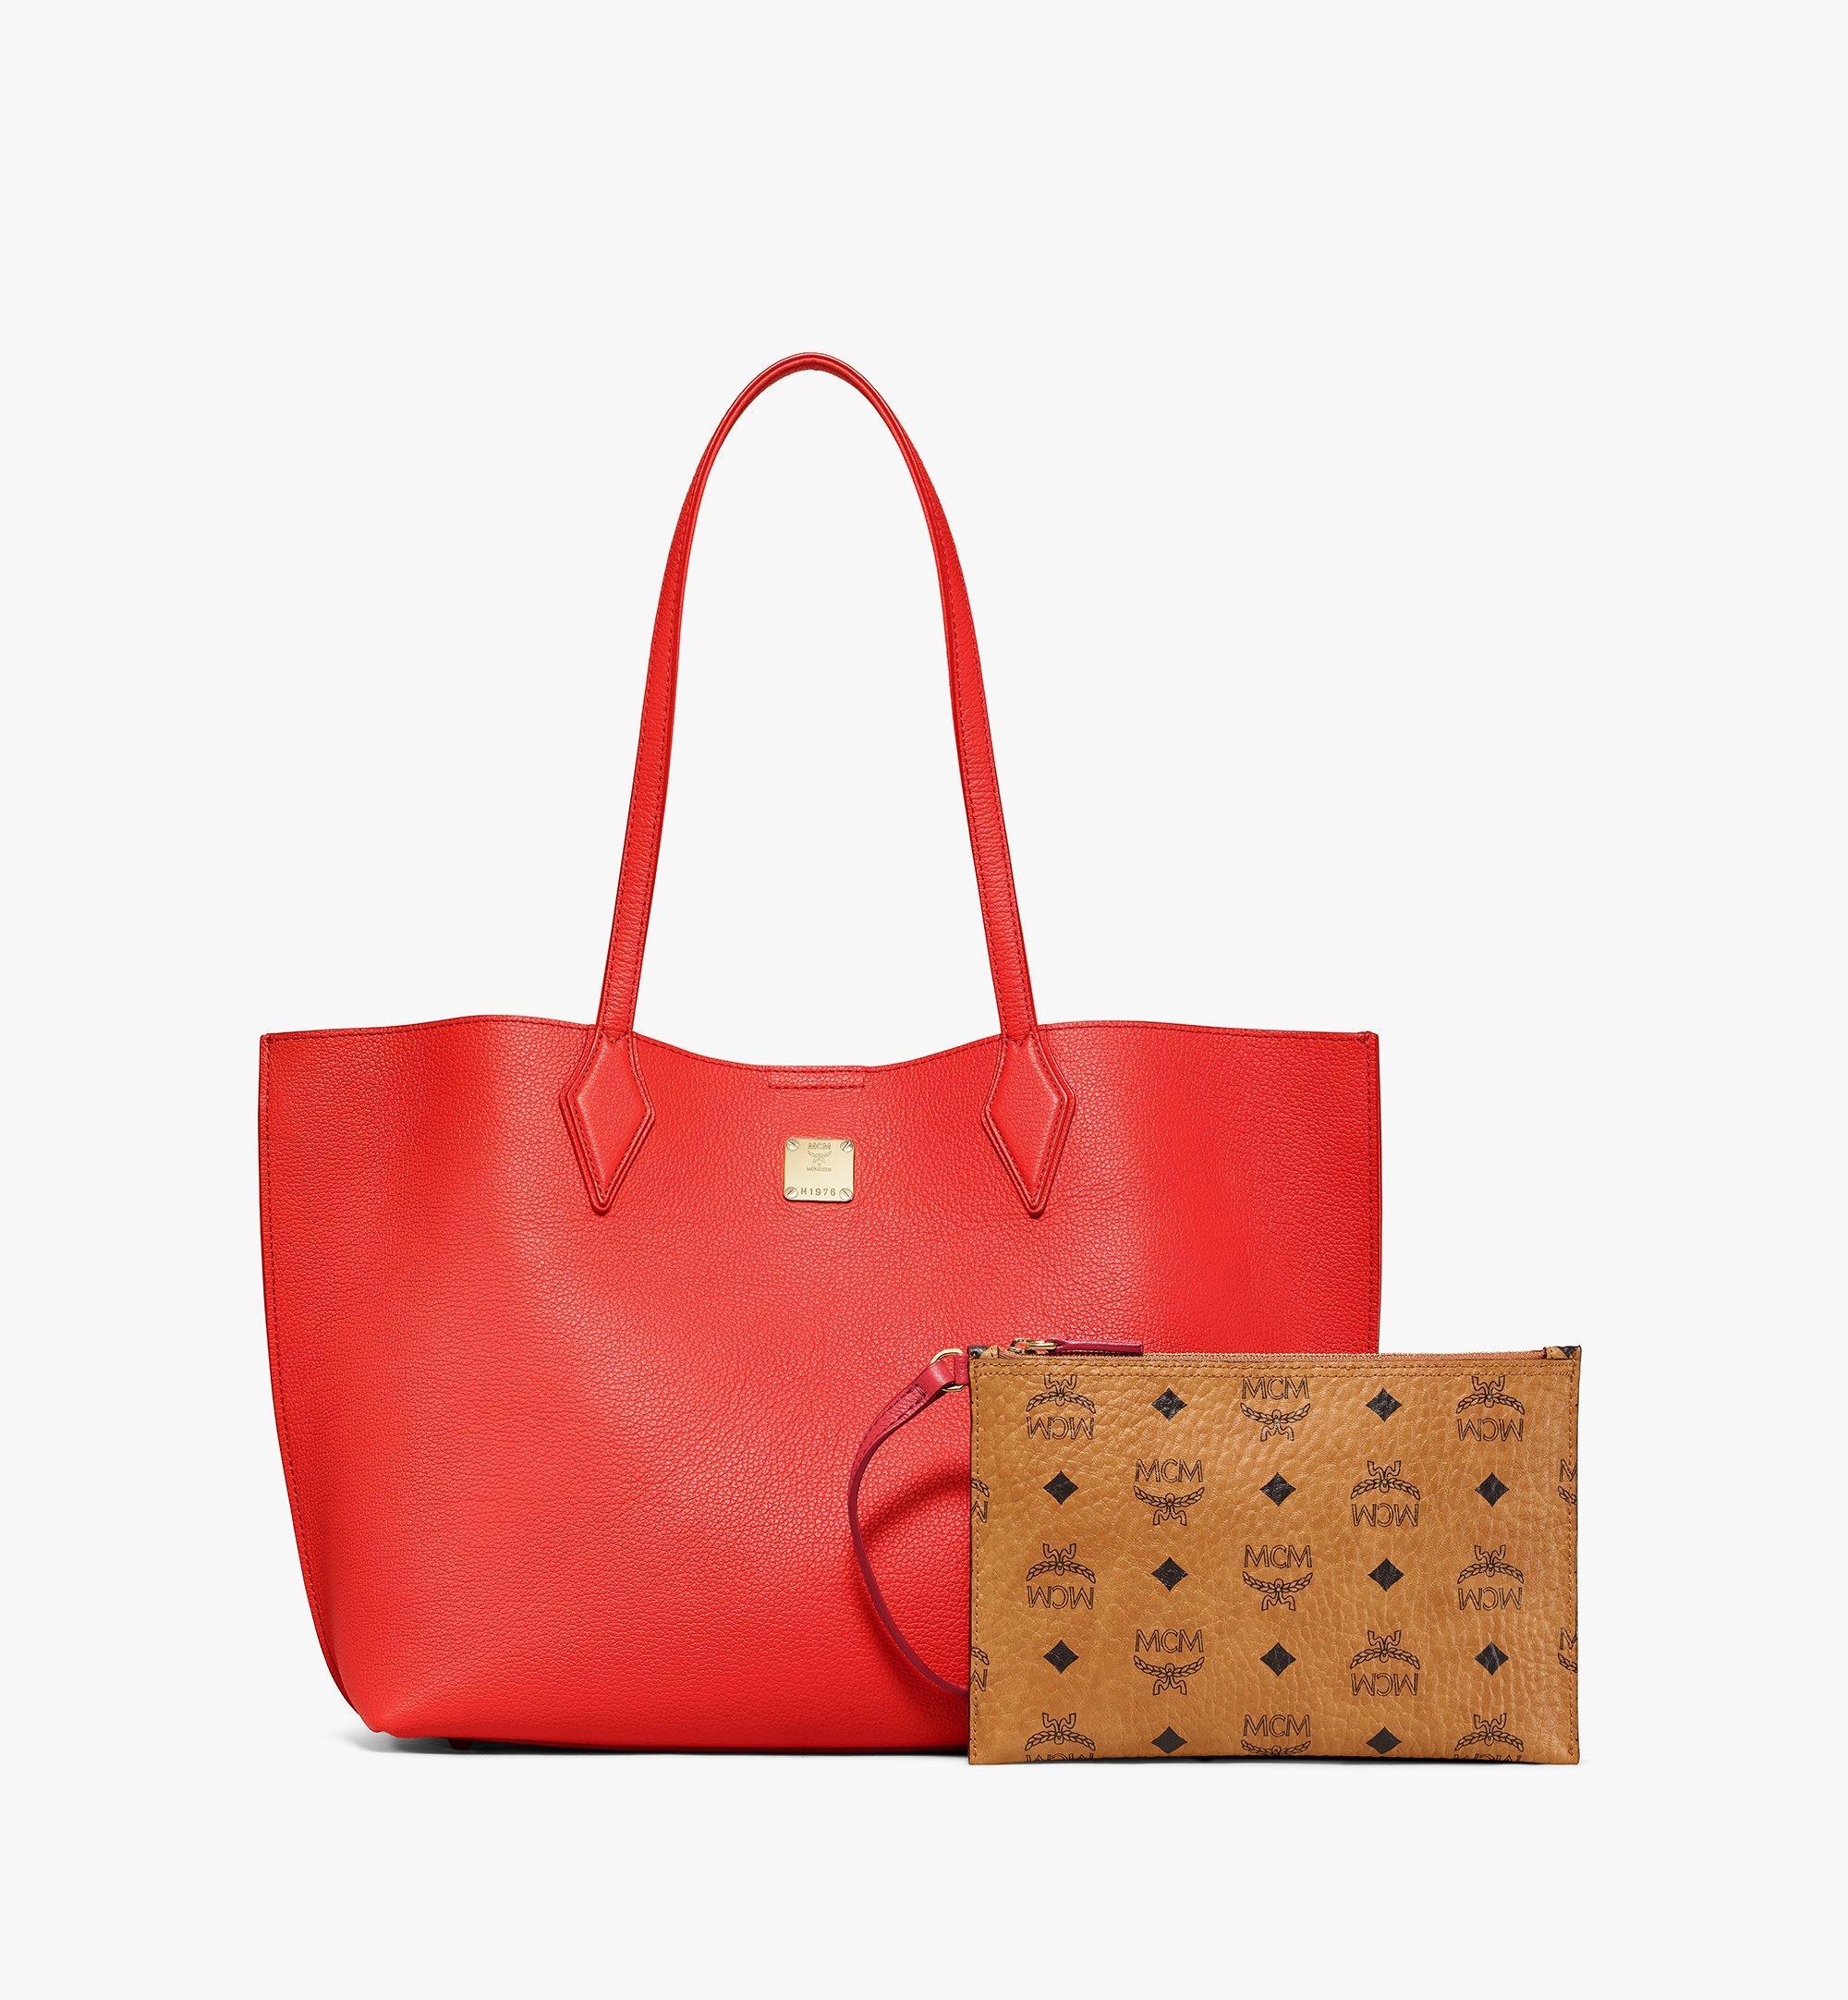 MCM Yris Tani 皮革購物袋 Red MWPBSYS01R8001 更多視圖 4